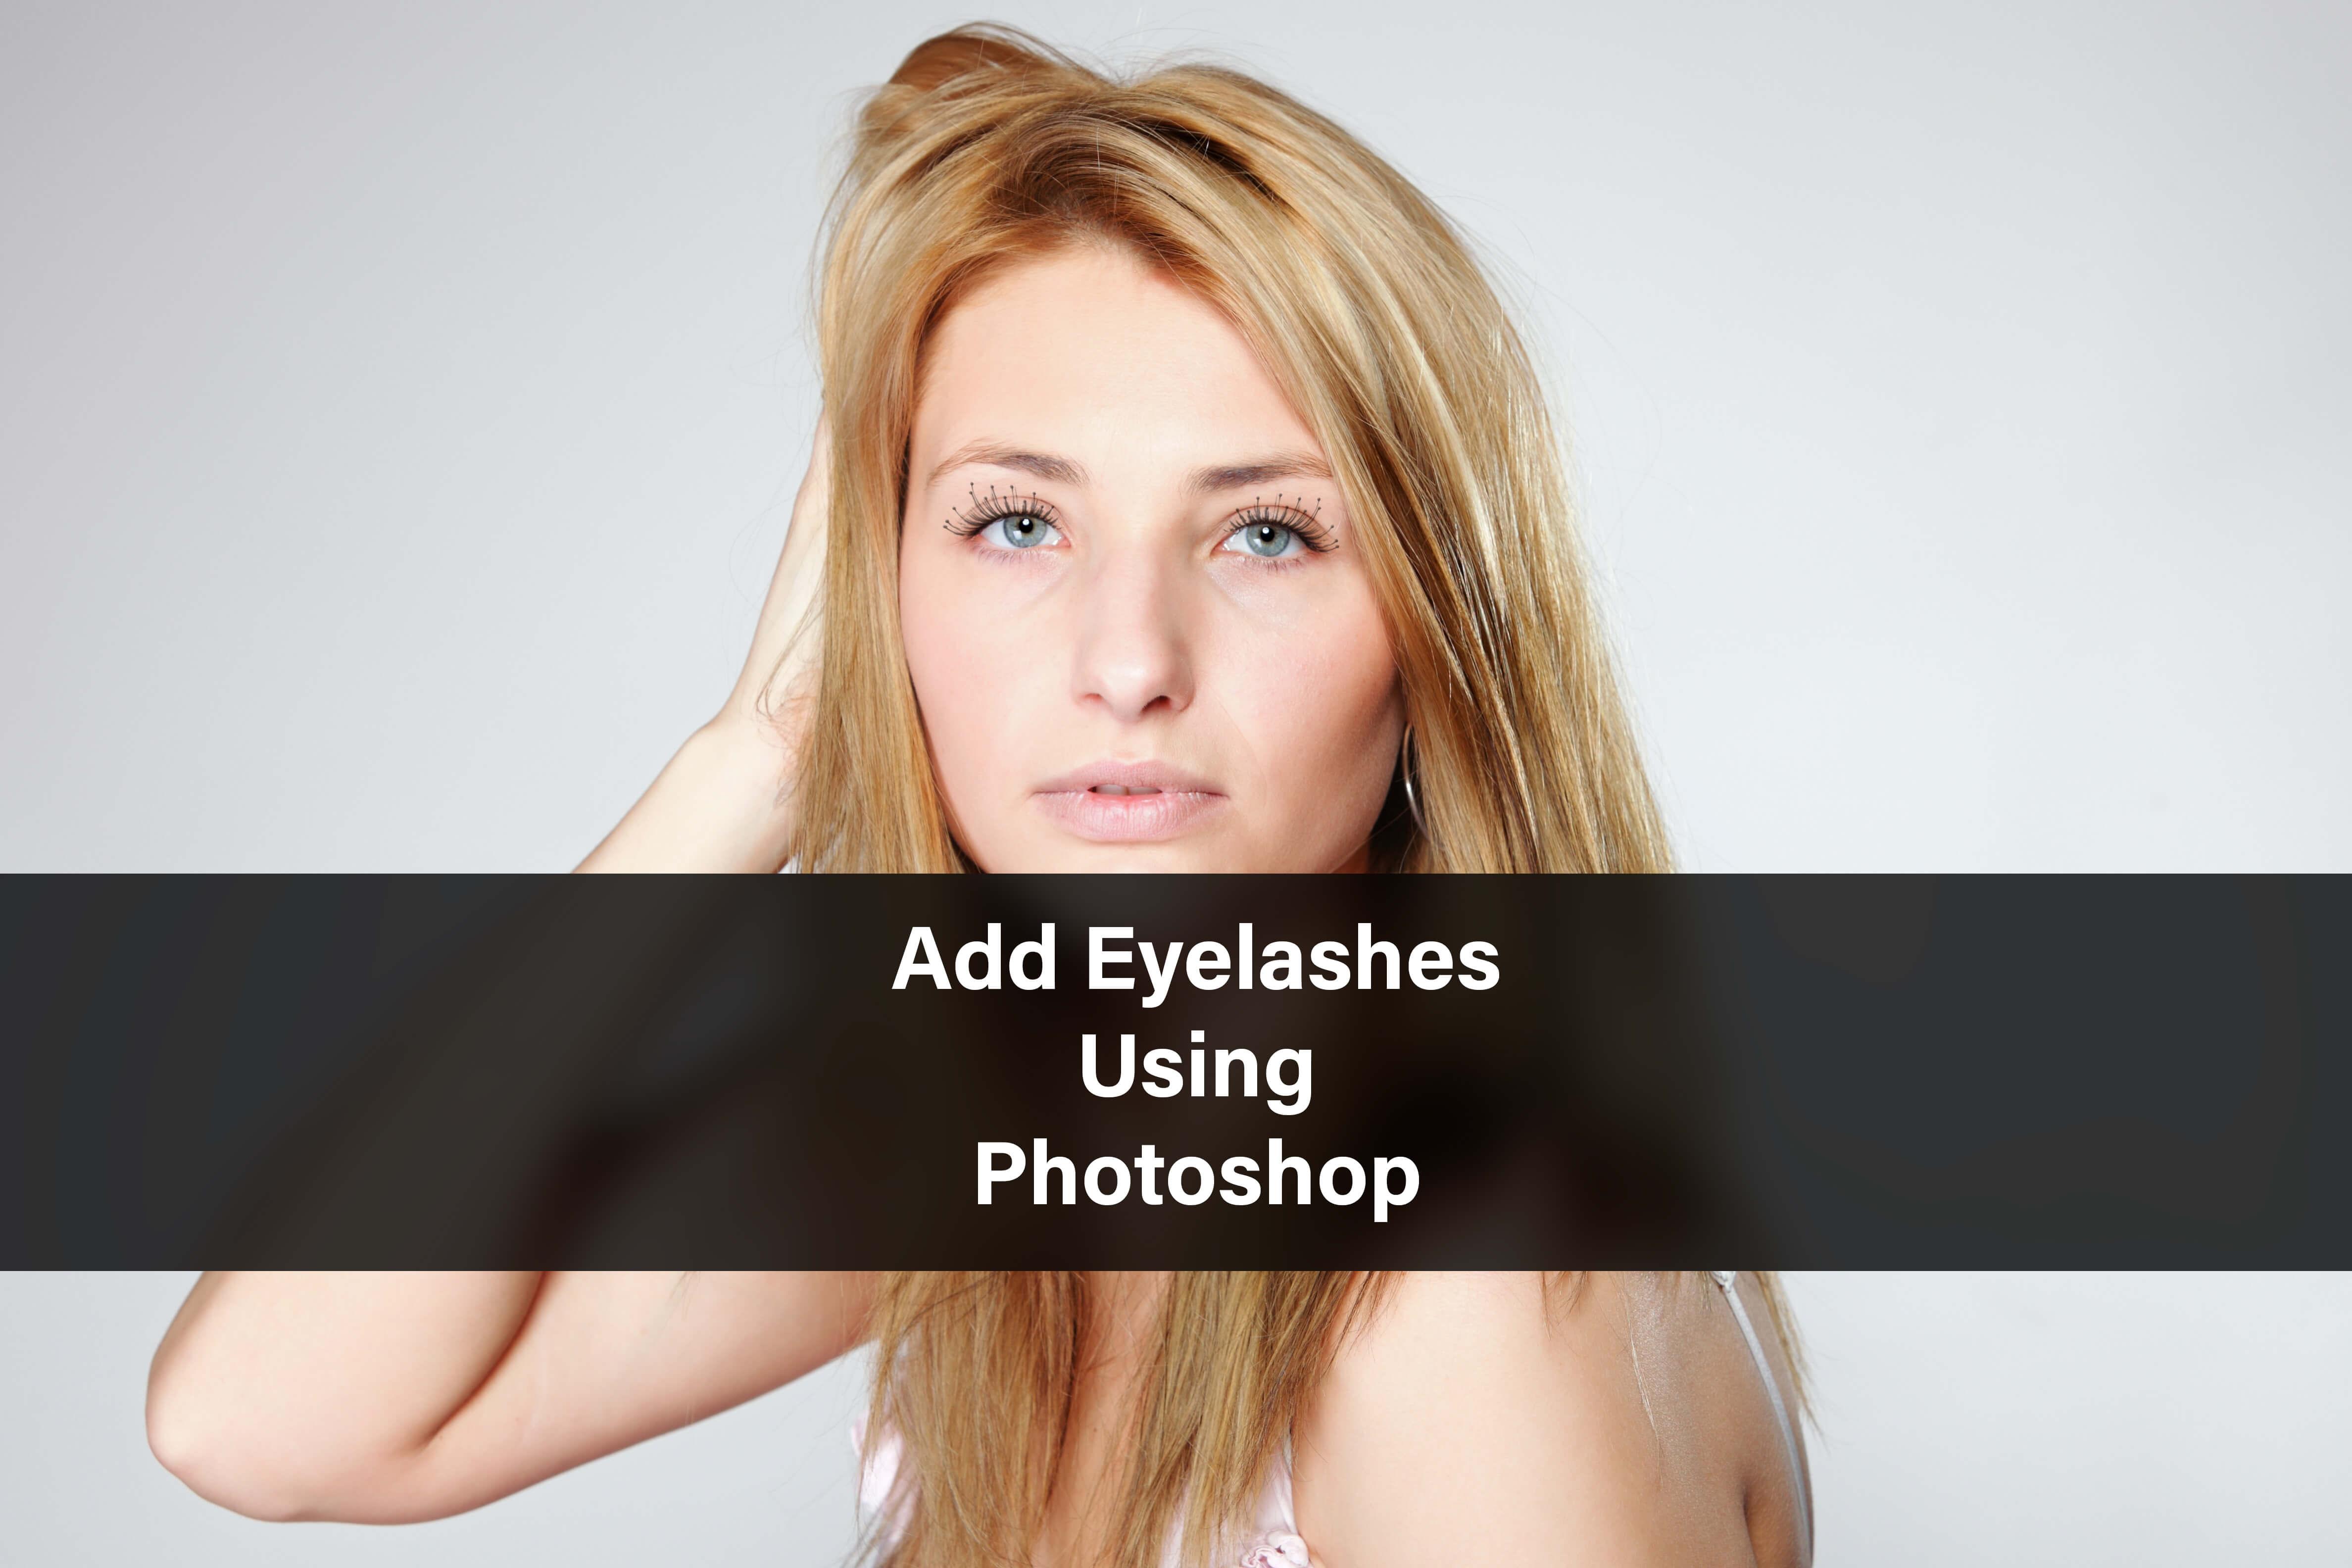 Add Eyelashes on Photoshop